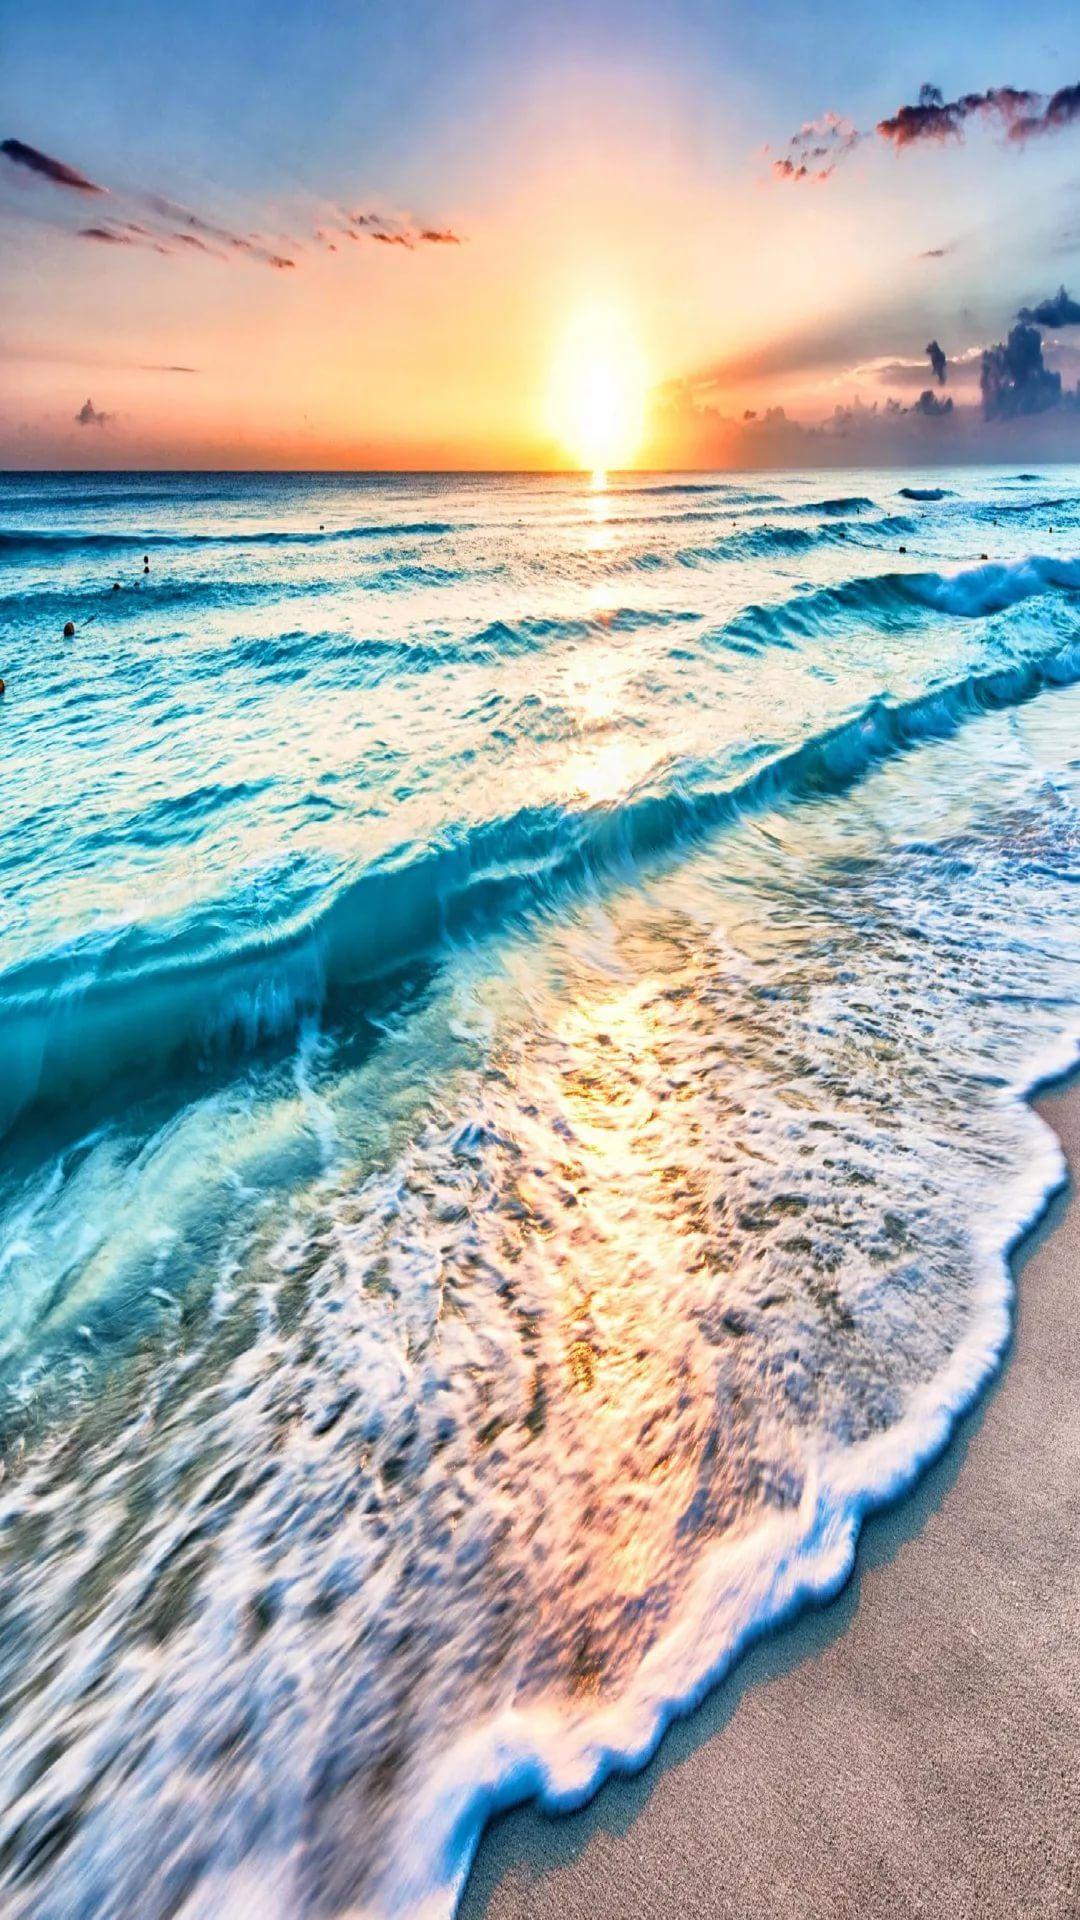 Beach Tumblr phone wallpaper